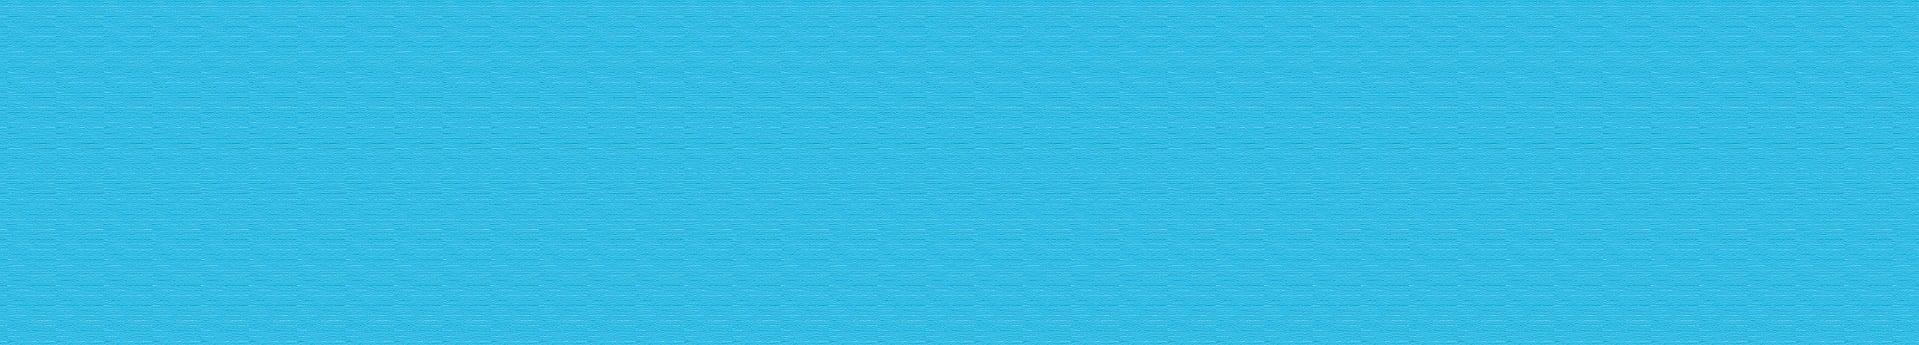 Blue-Bg-2.jpg